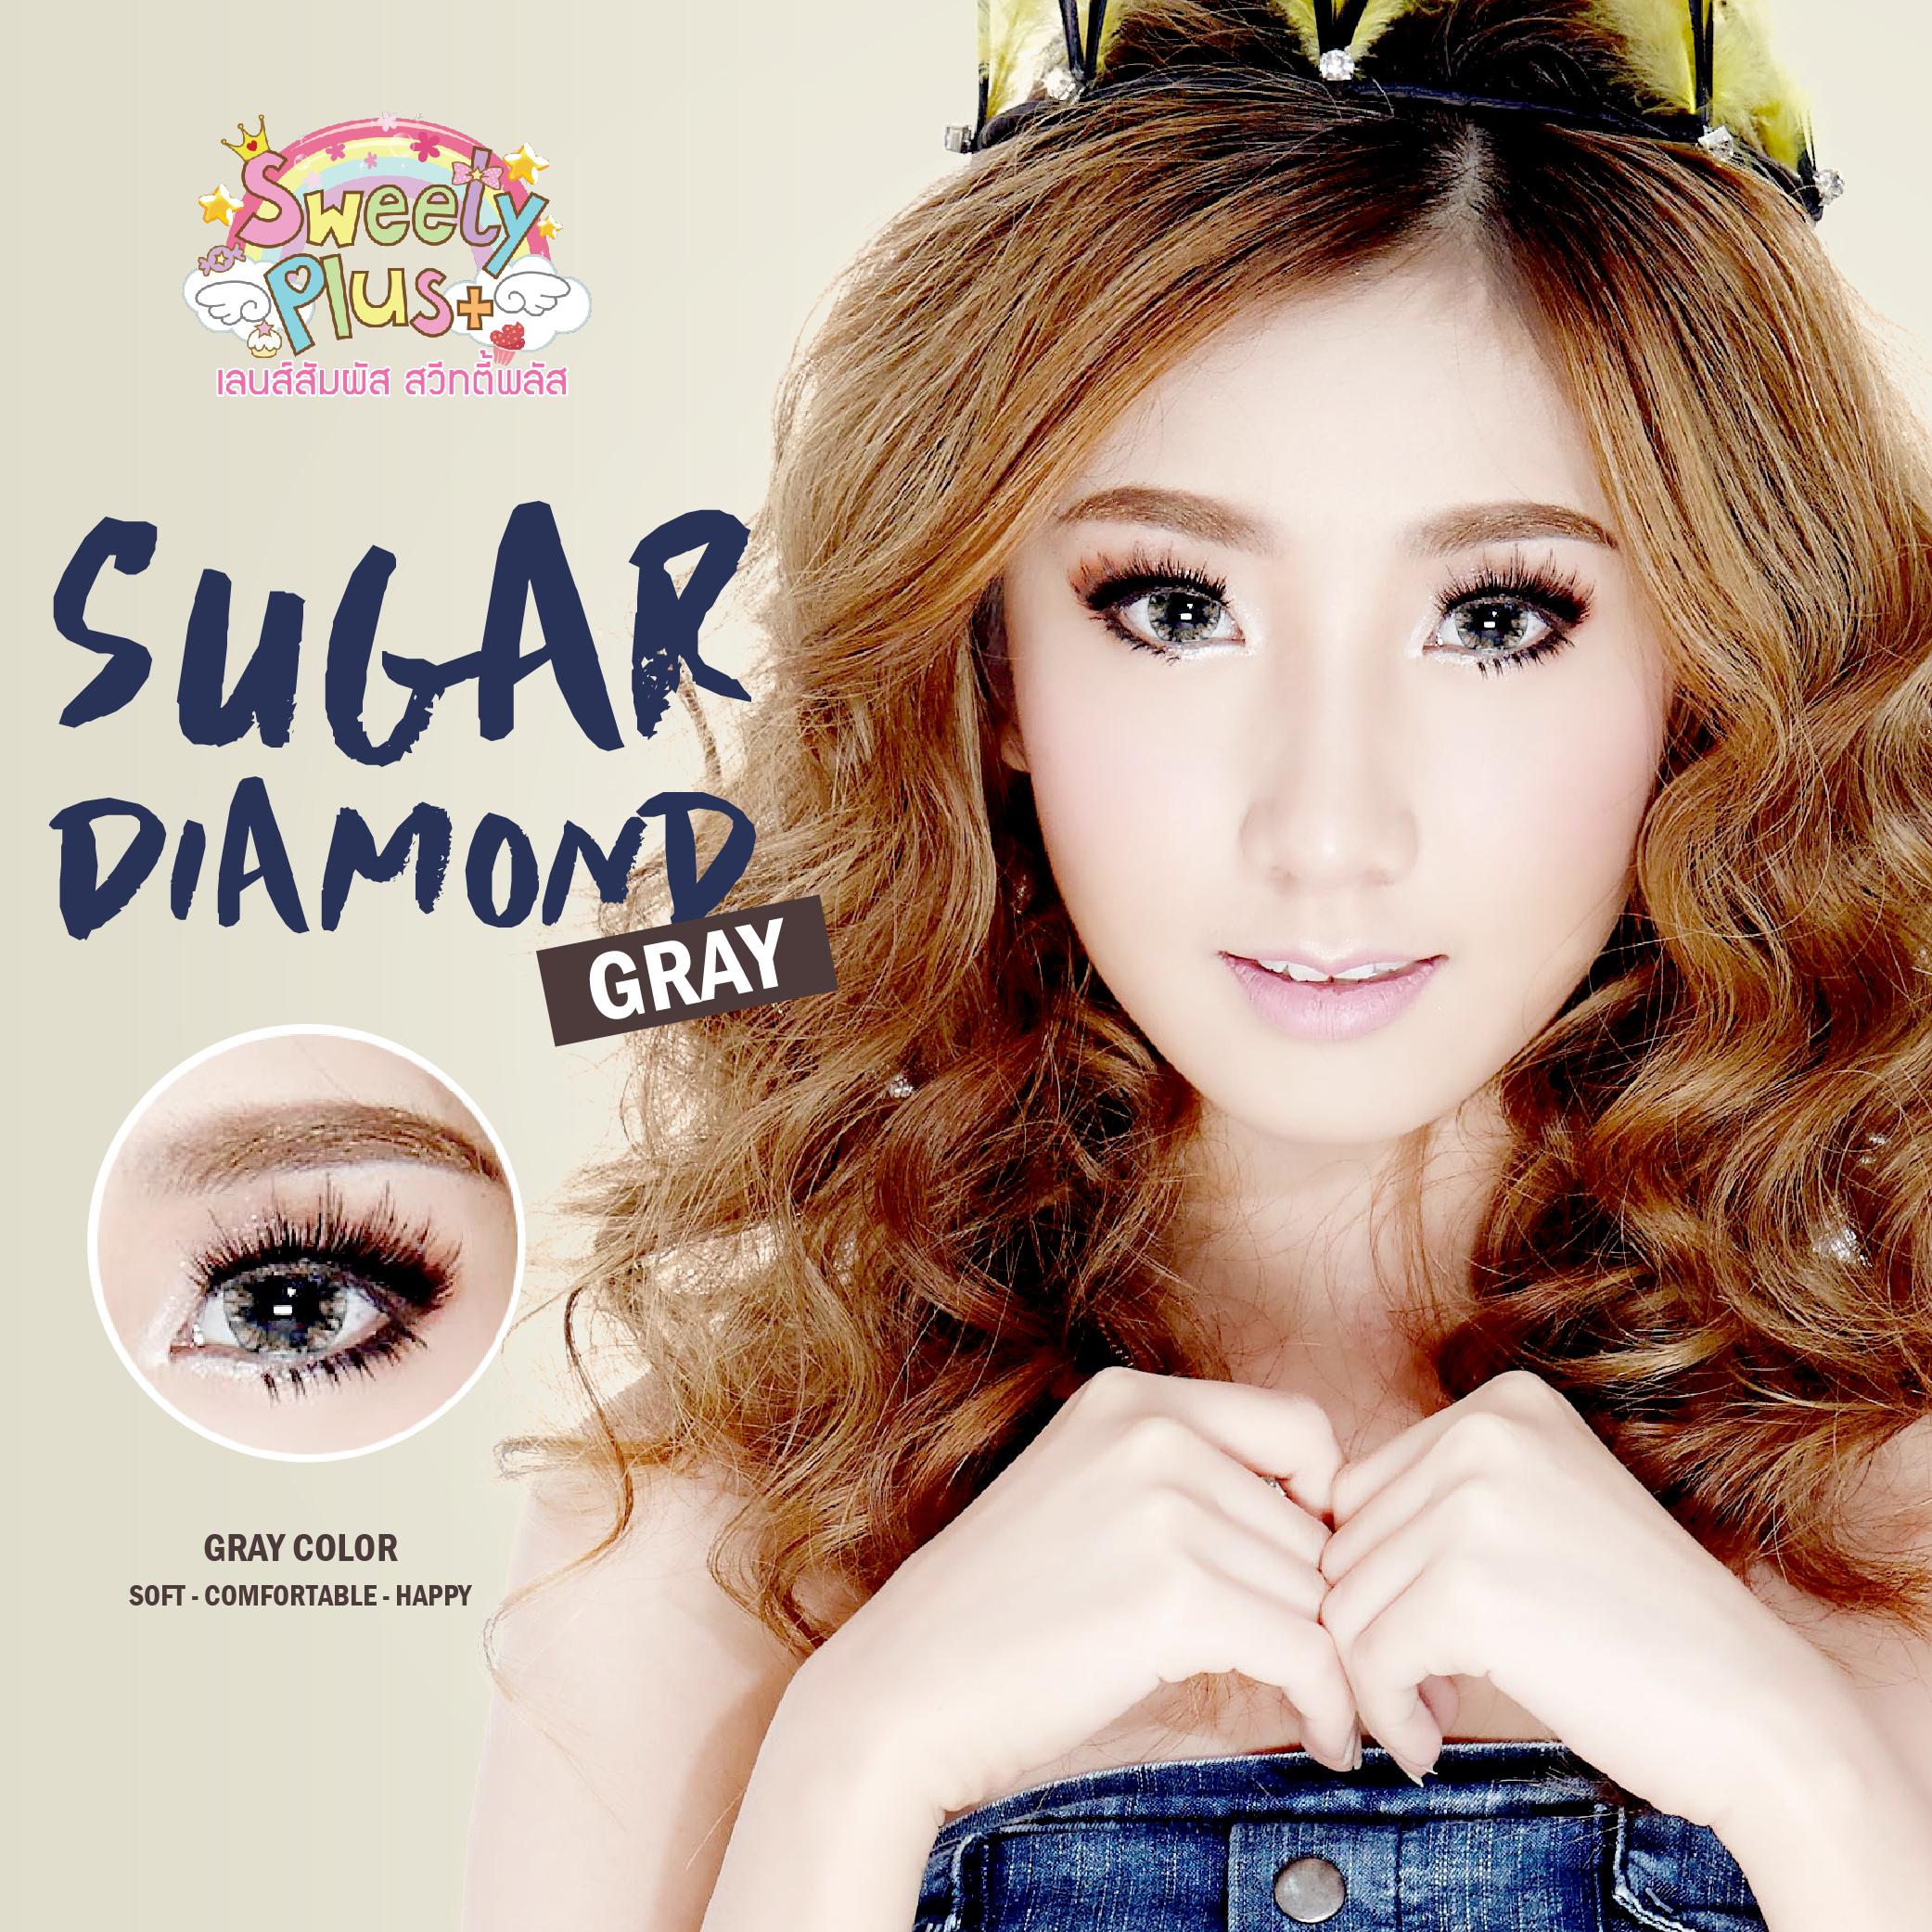 Sugar Diamond - gray